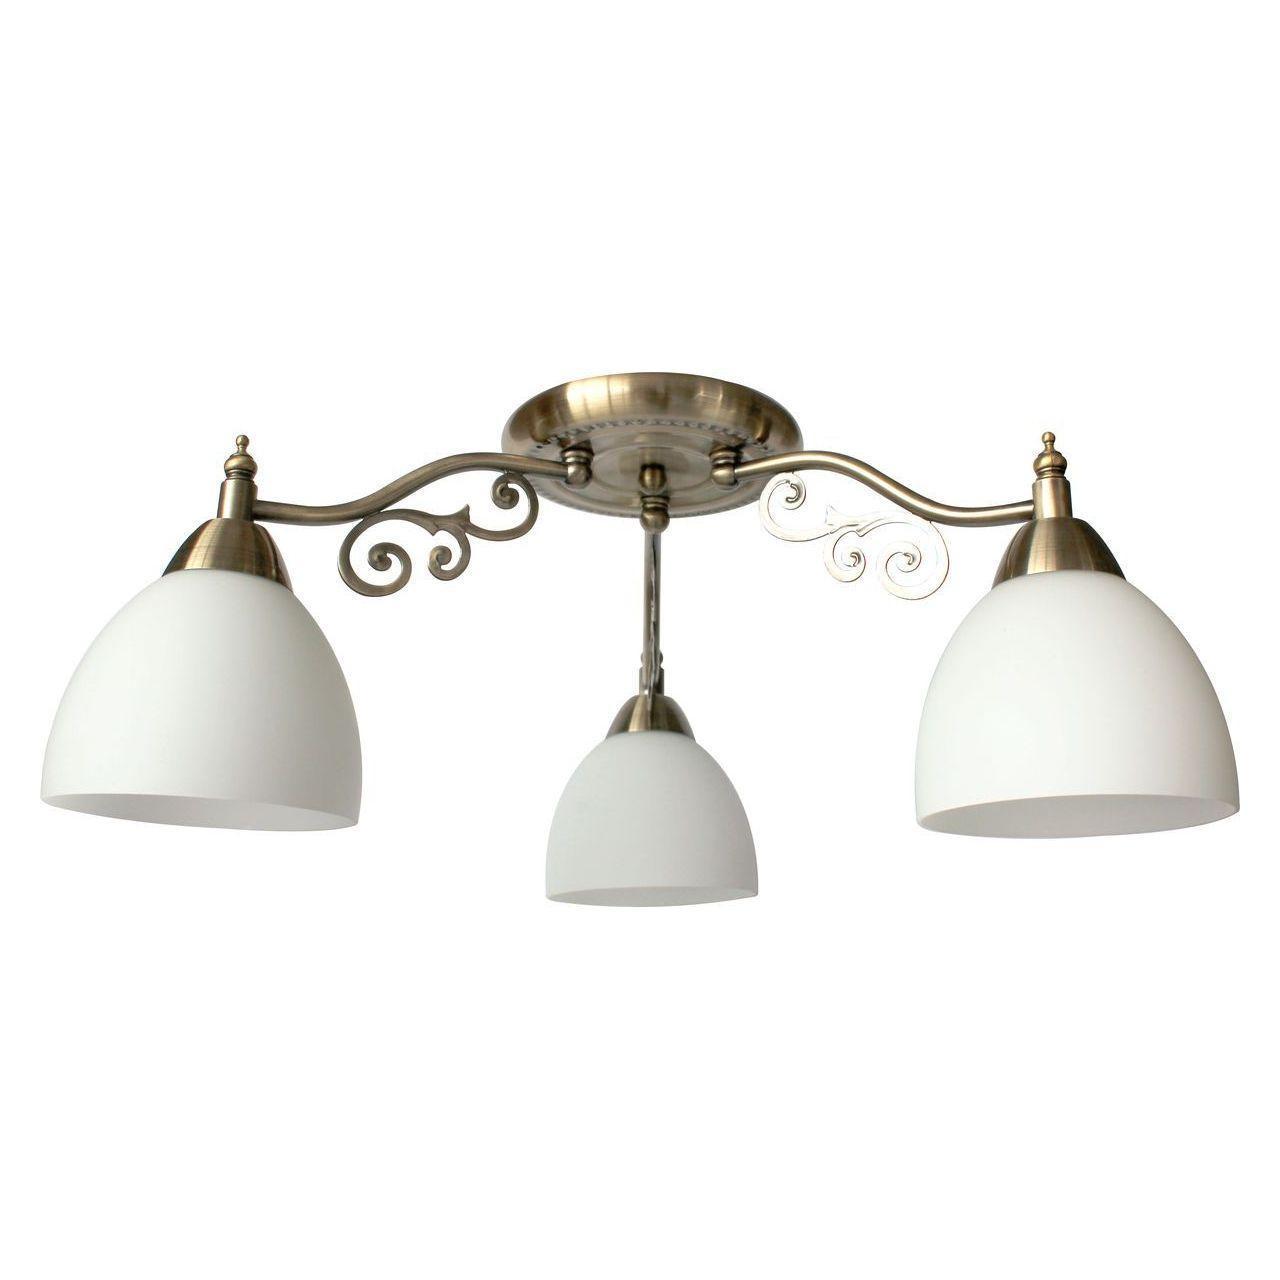 Люстра Toplight Lora TL7371X-03AB потолочная потолочная люстра toplight lora tl7371x 05ab